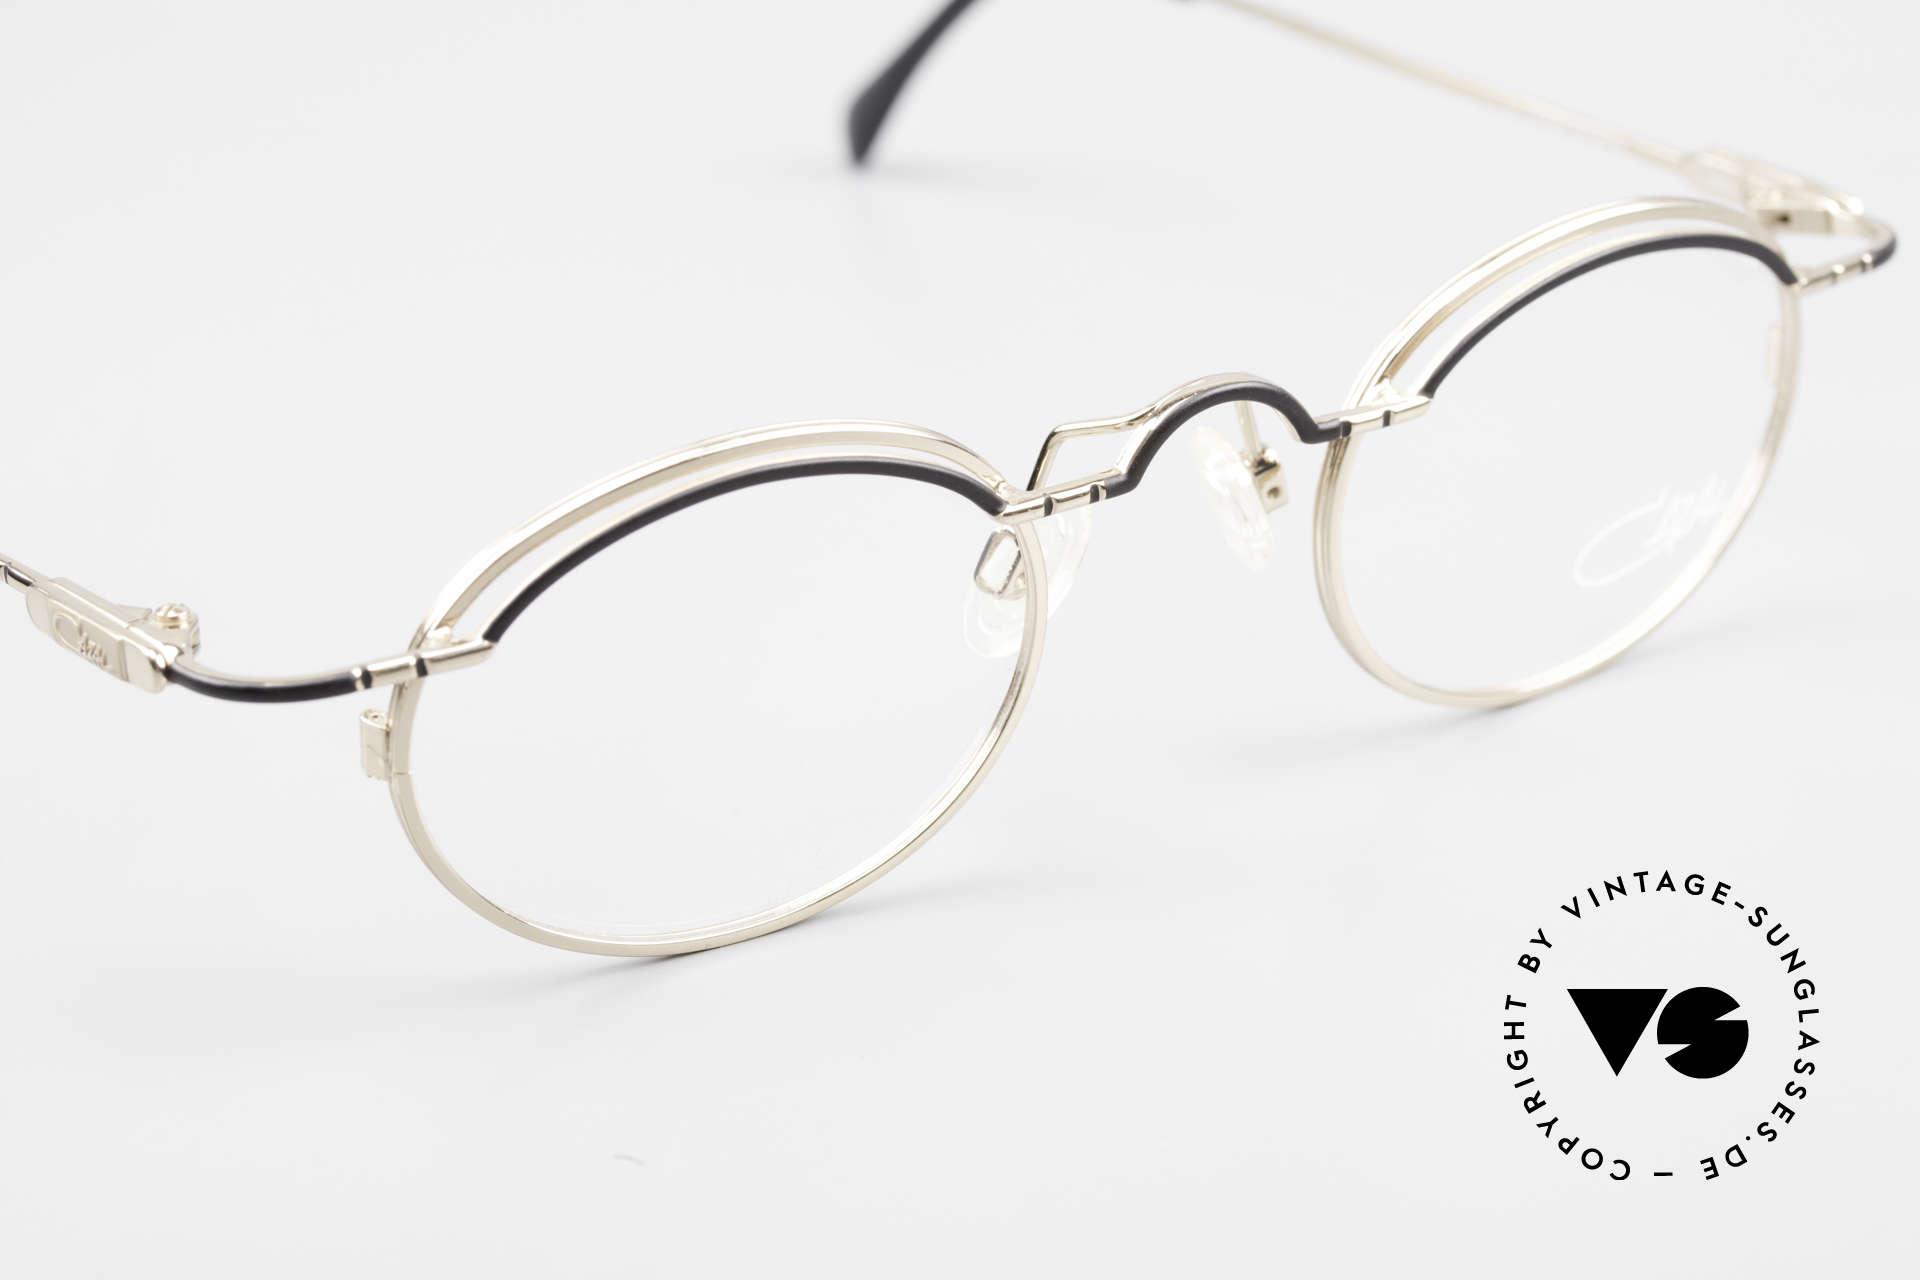 Cazal 775 Rare Oval 1990's Eyeglasses, NO retro eyeglasses; 100% original 90's commodity, Made for Men and Women